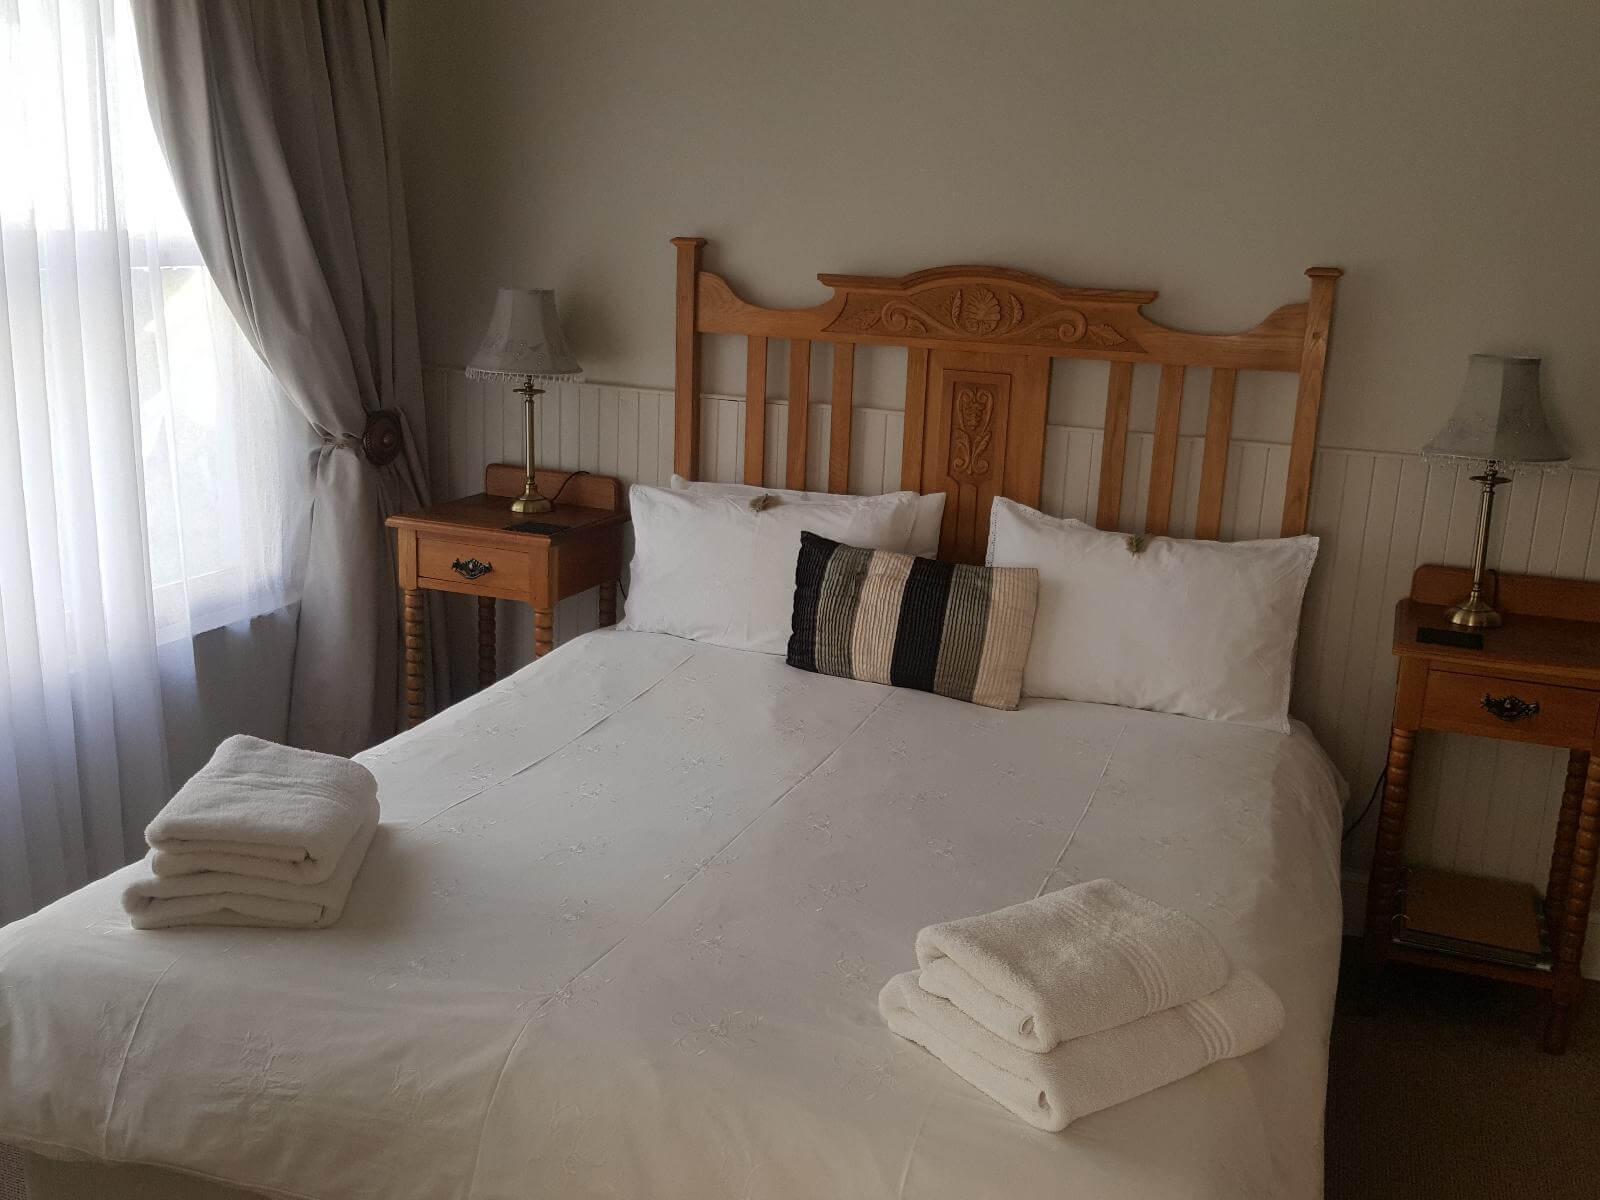 La Pension Guesthouse - Room 2 - Family Suite